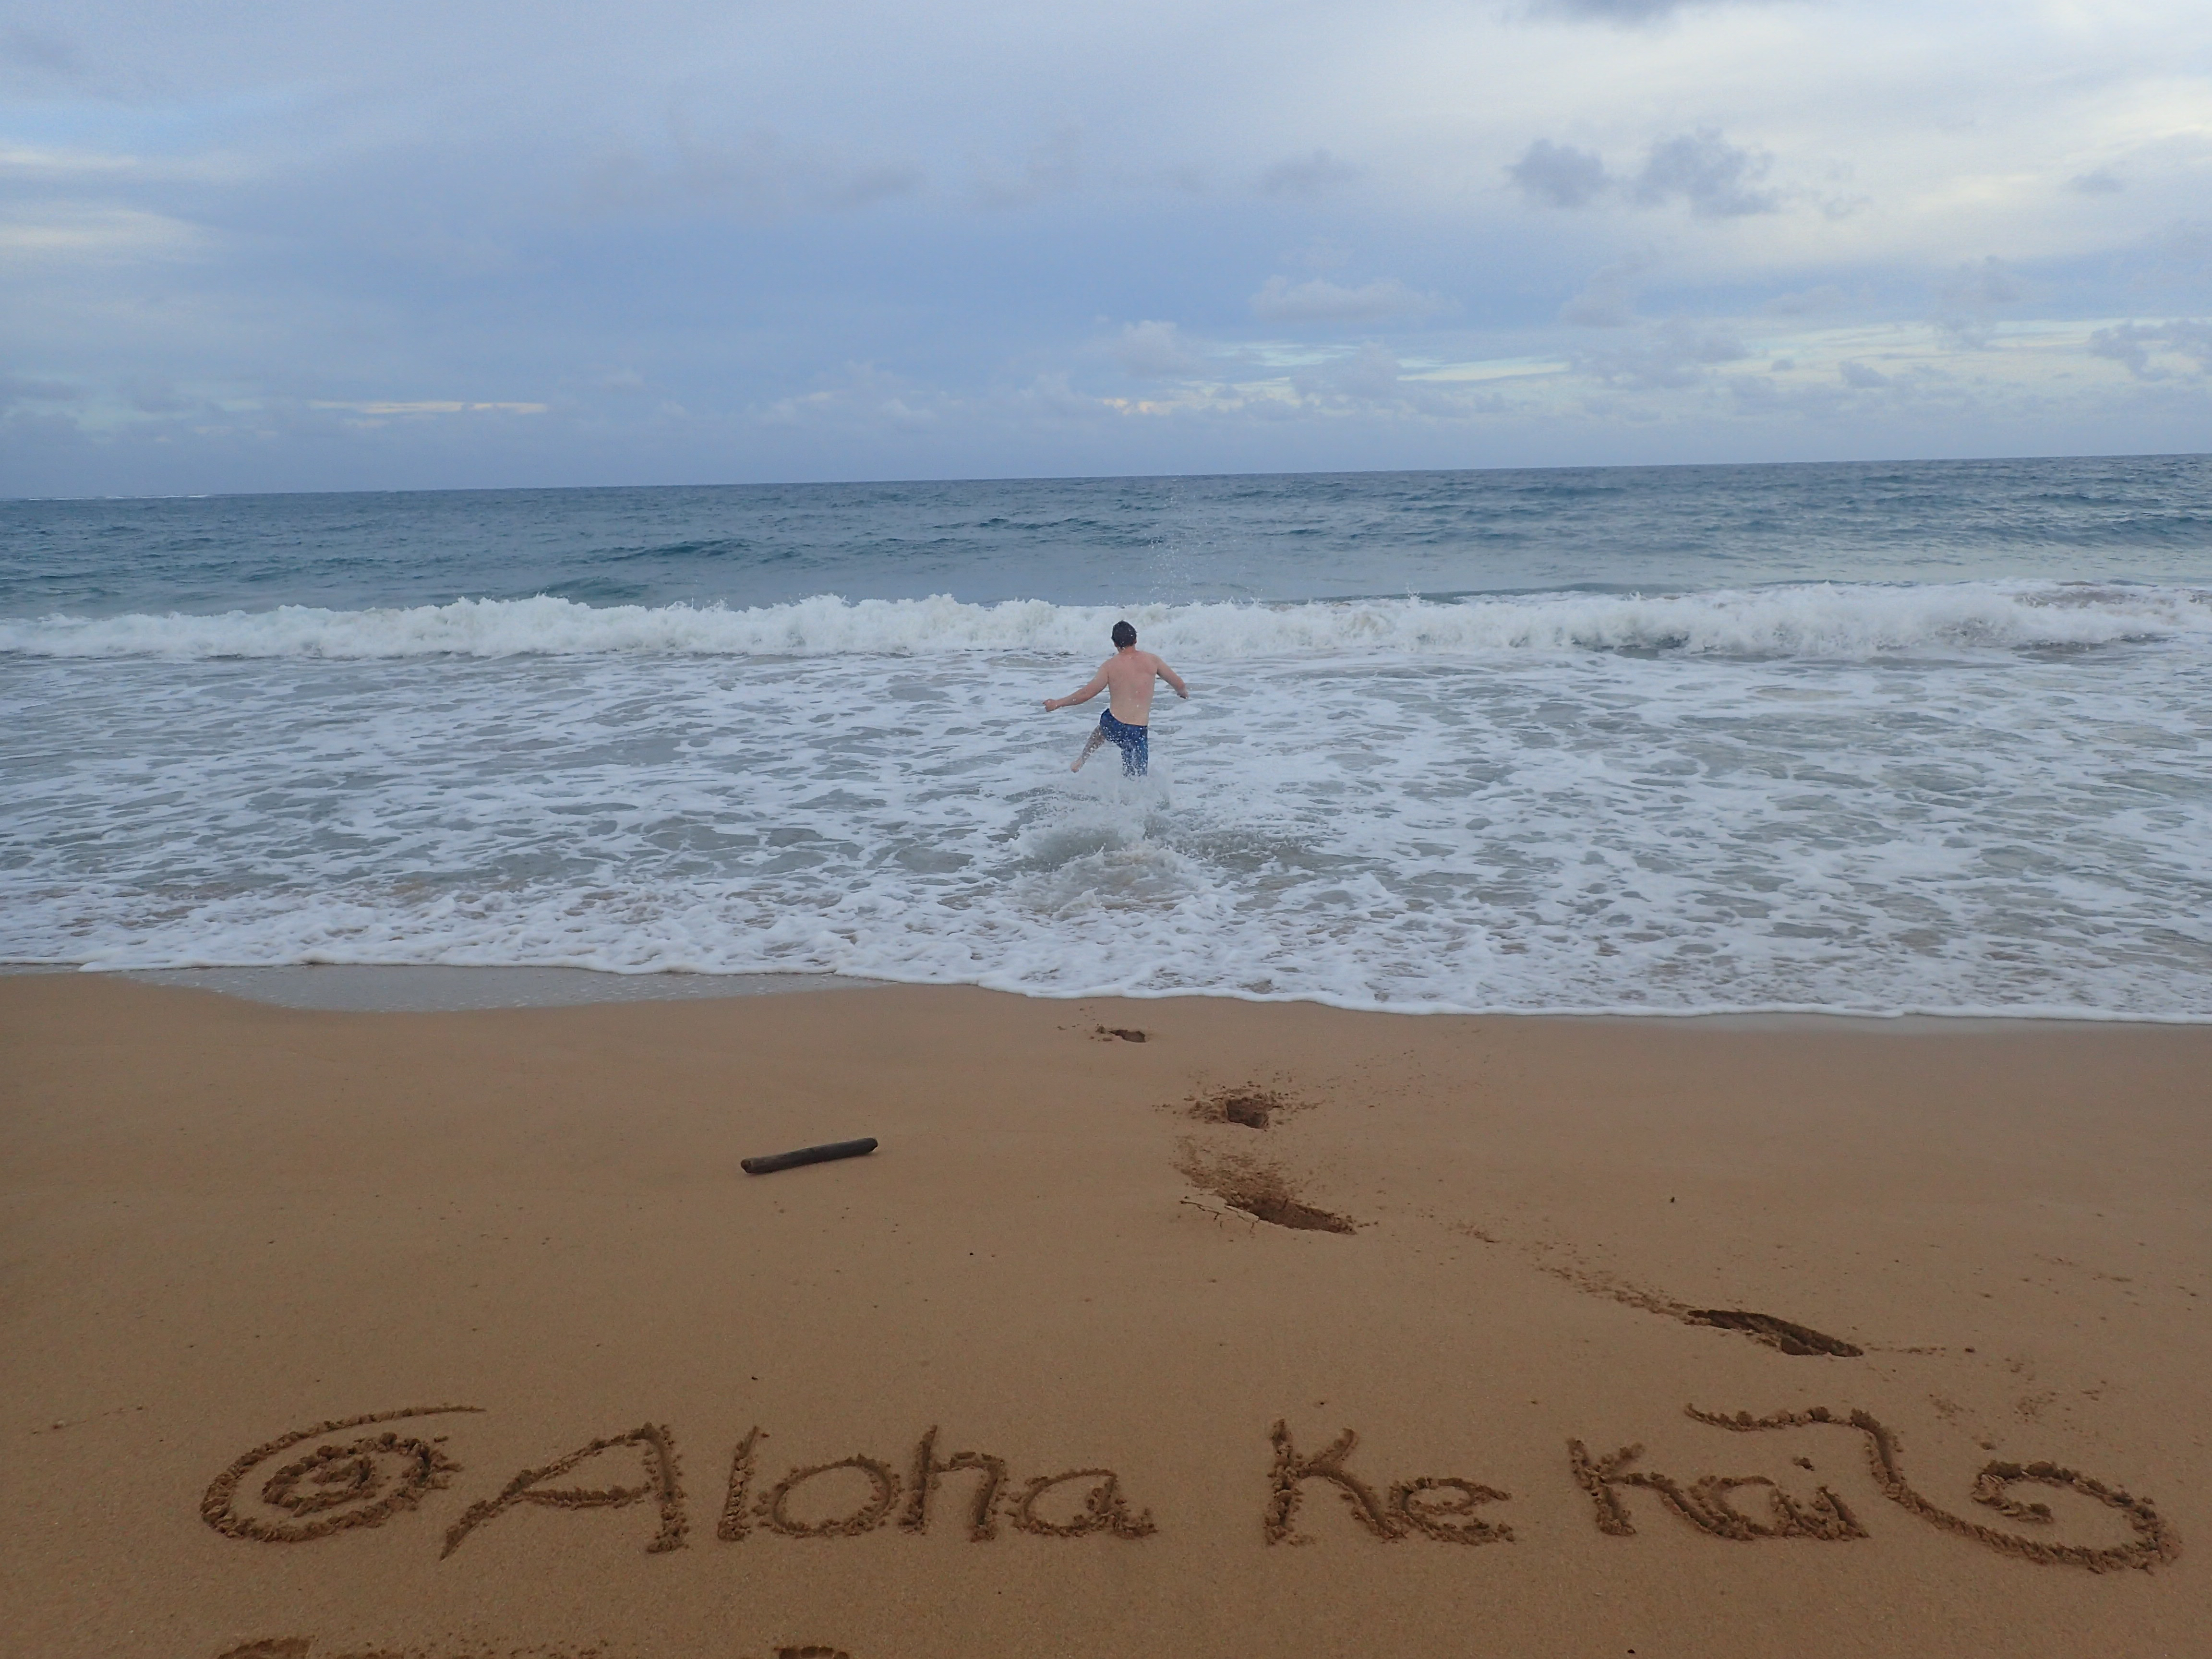 Aloha Ke Kai, Rakasta vettä. Niin ainakin tekee tuo iloinen mies, joka juoksee aaltoihin.